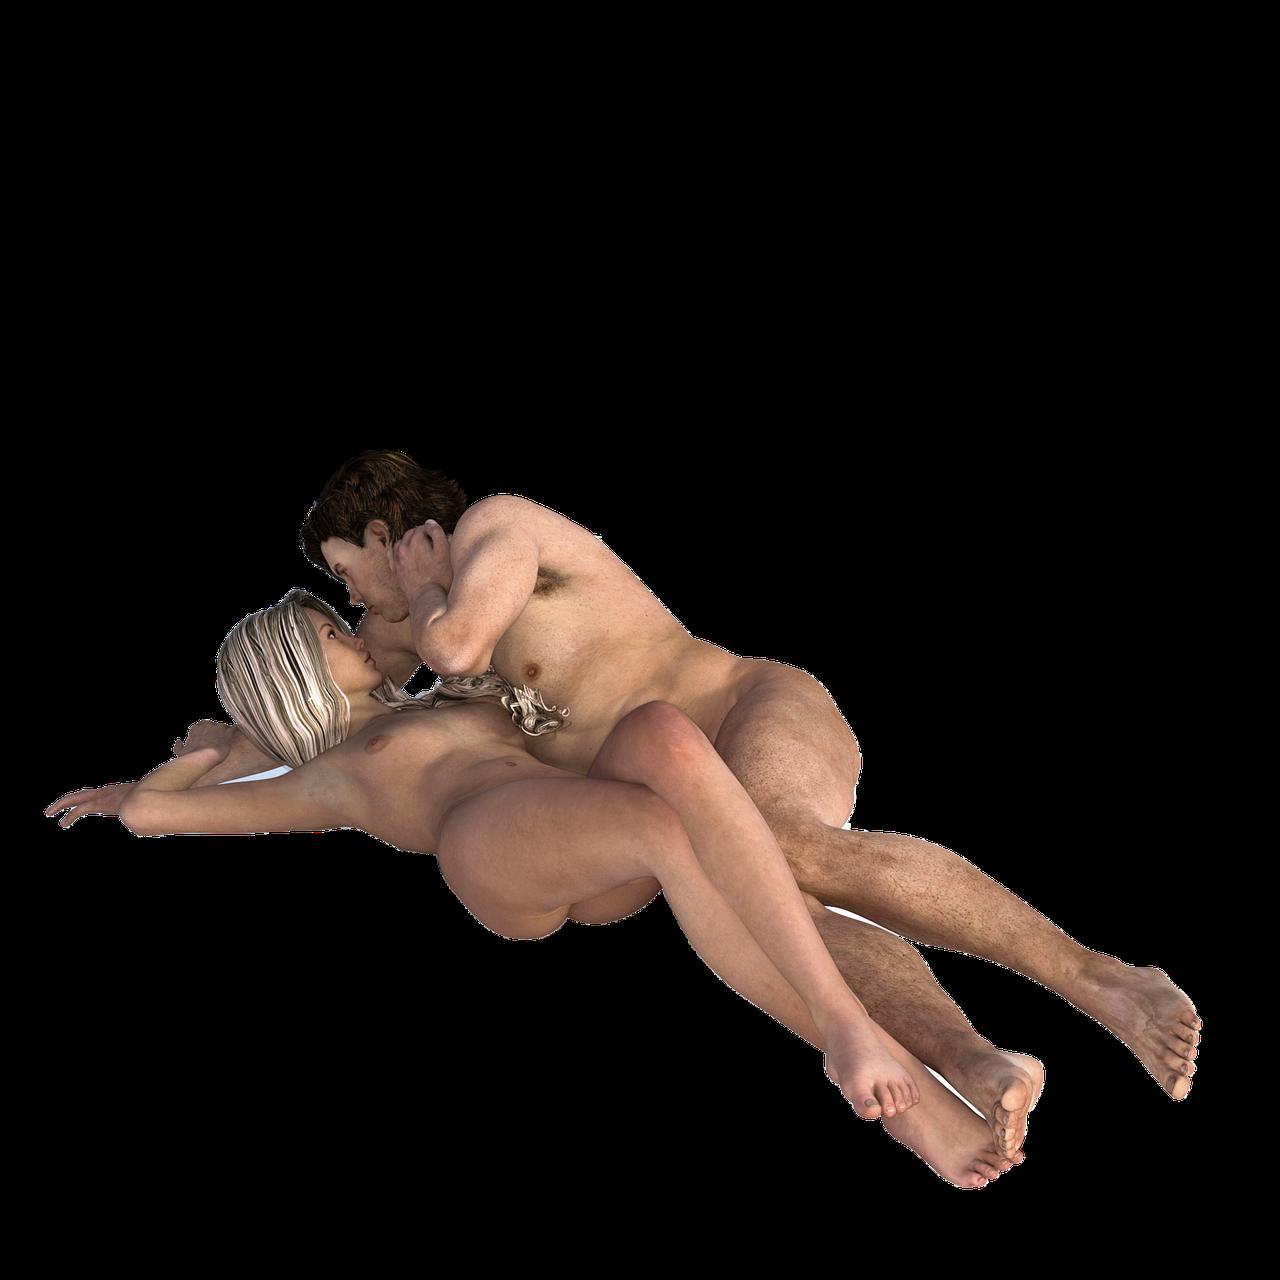 kåte husmødre min første orgasme